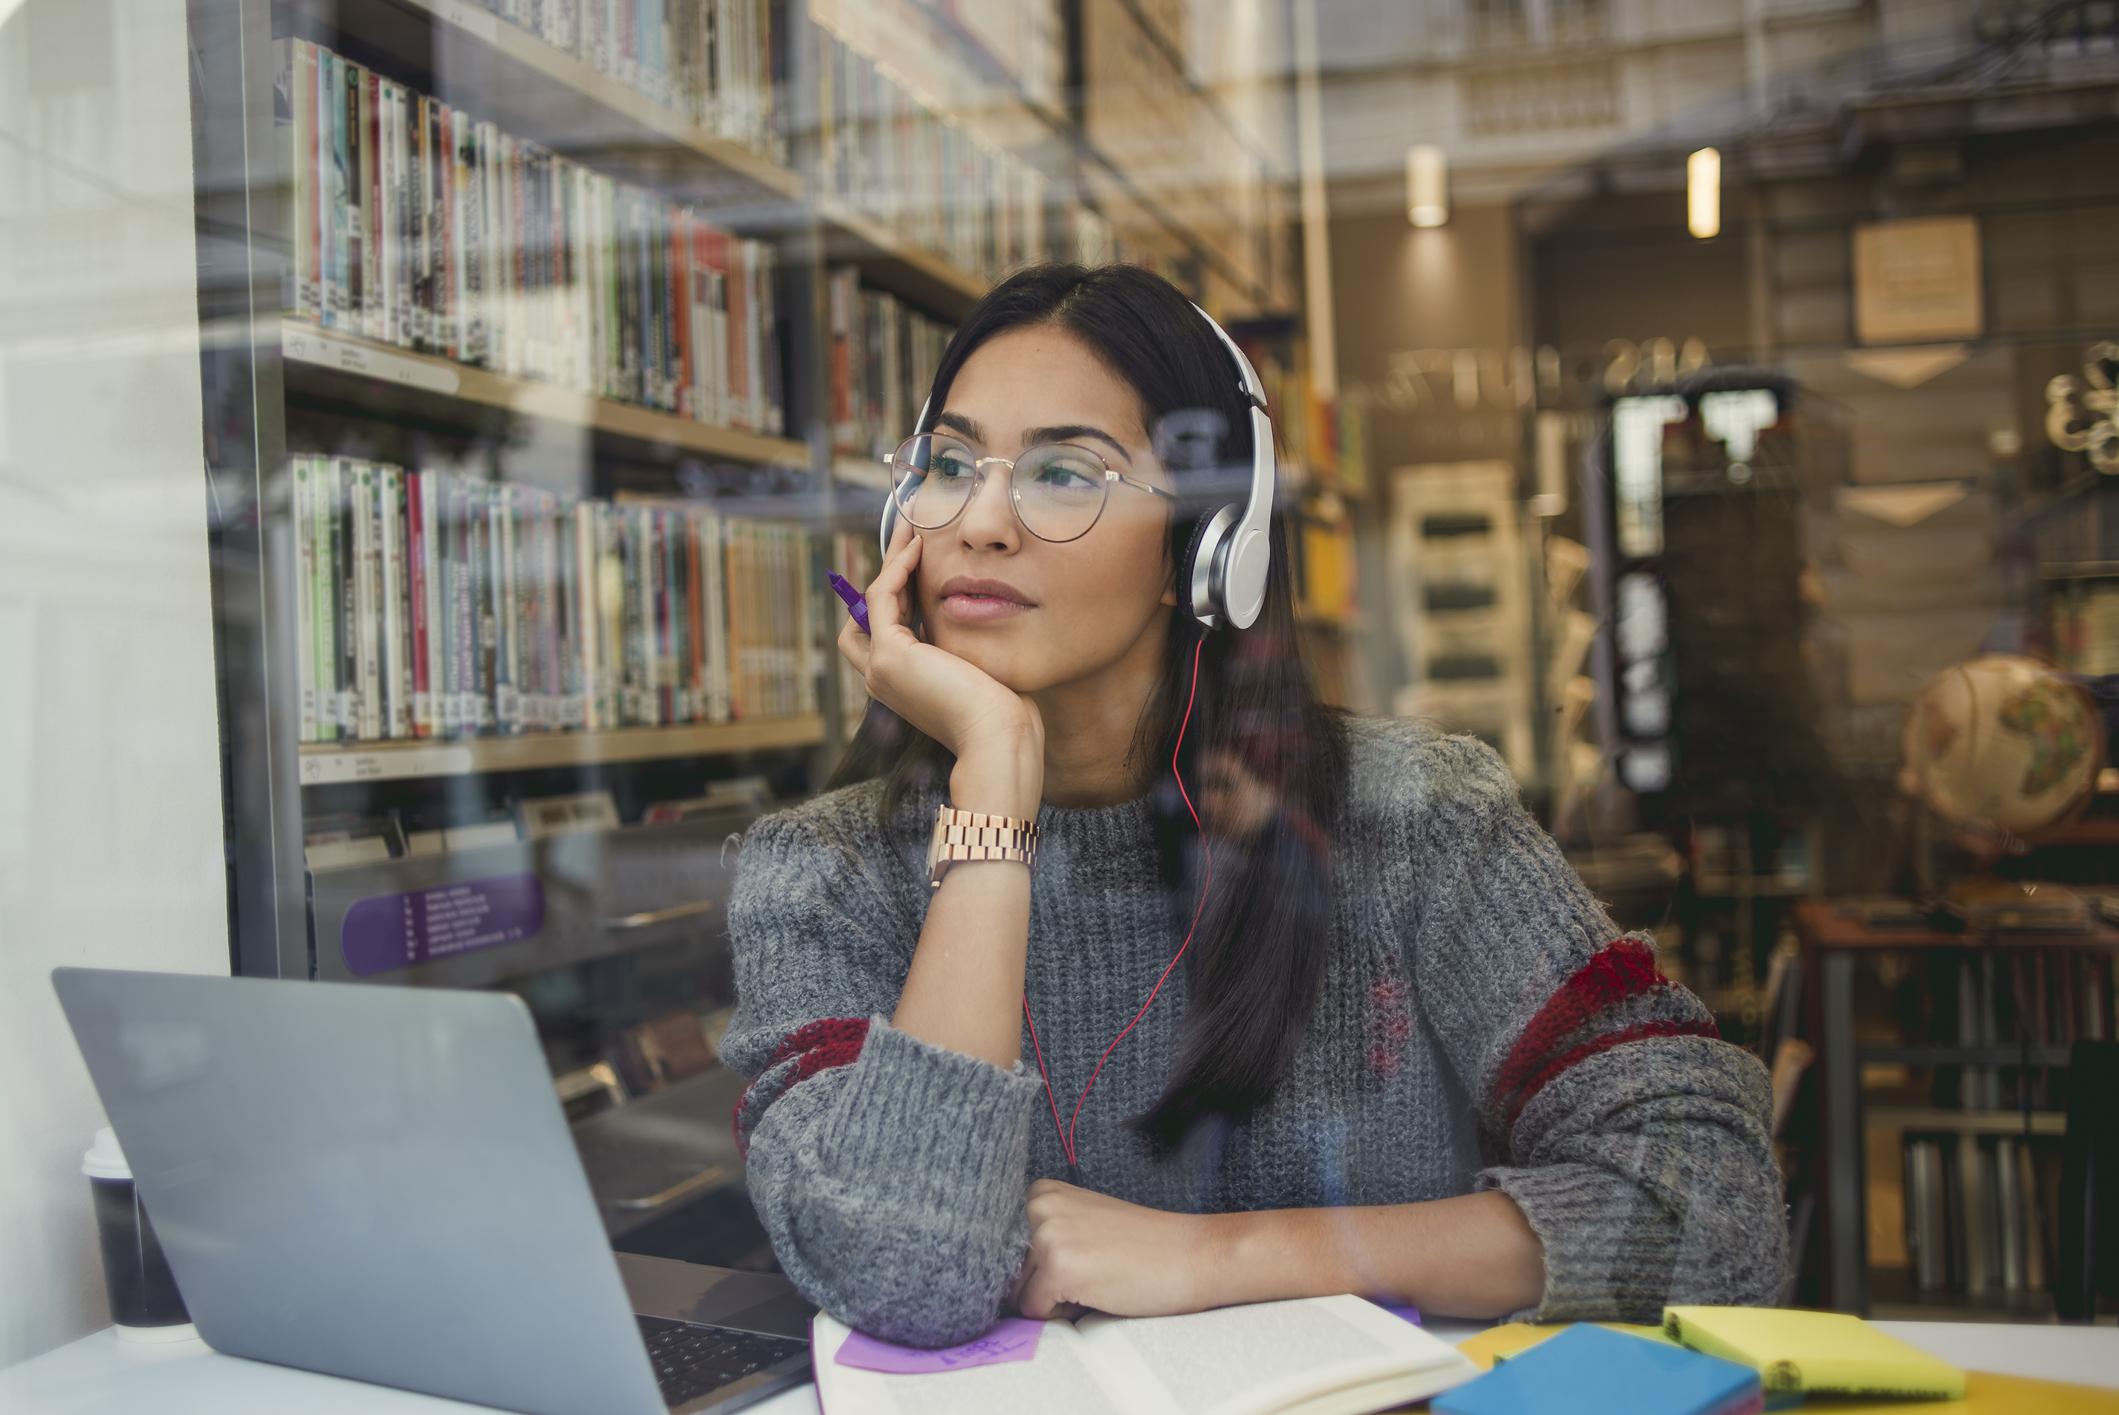 Ako slušate glazbu sa slušalicama, nemojte povećavati zvuk iznad 60 posto maksimalne razine.